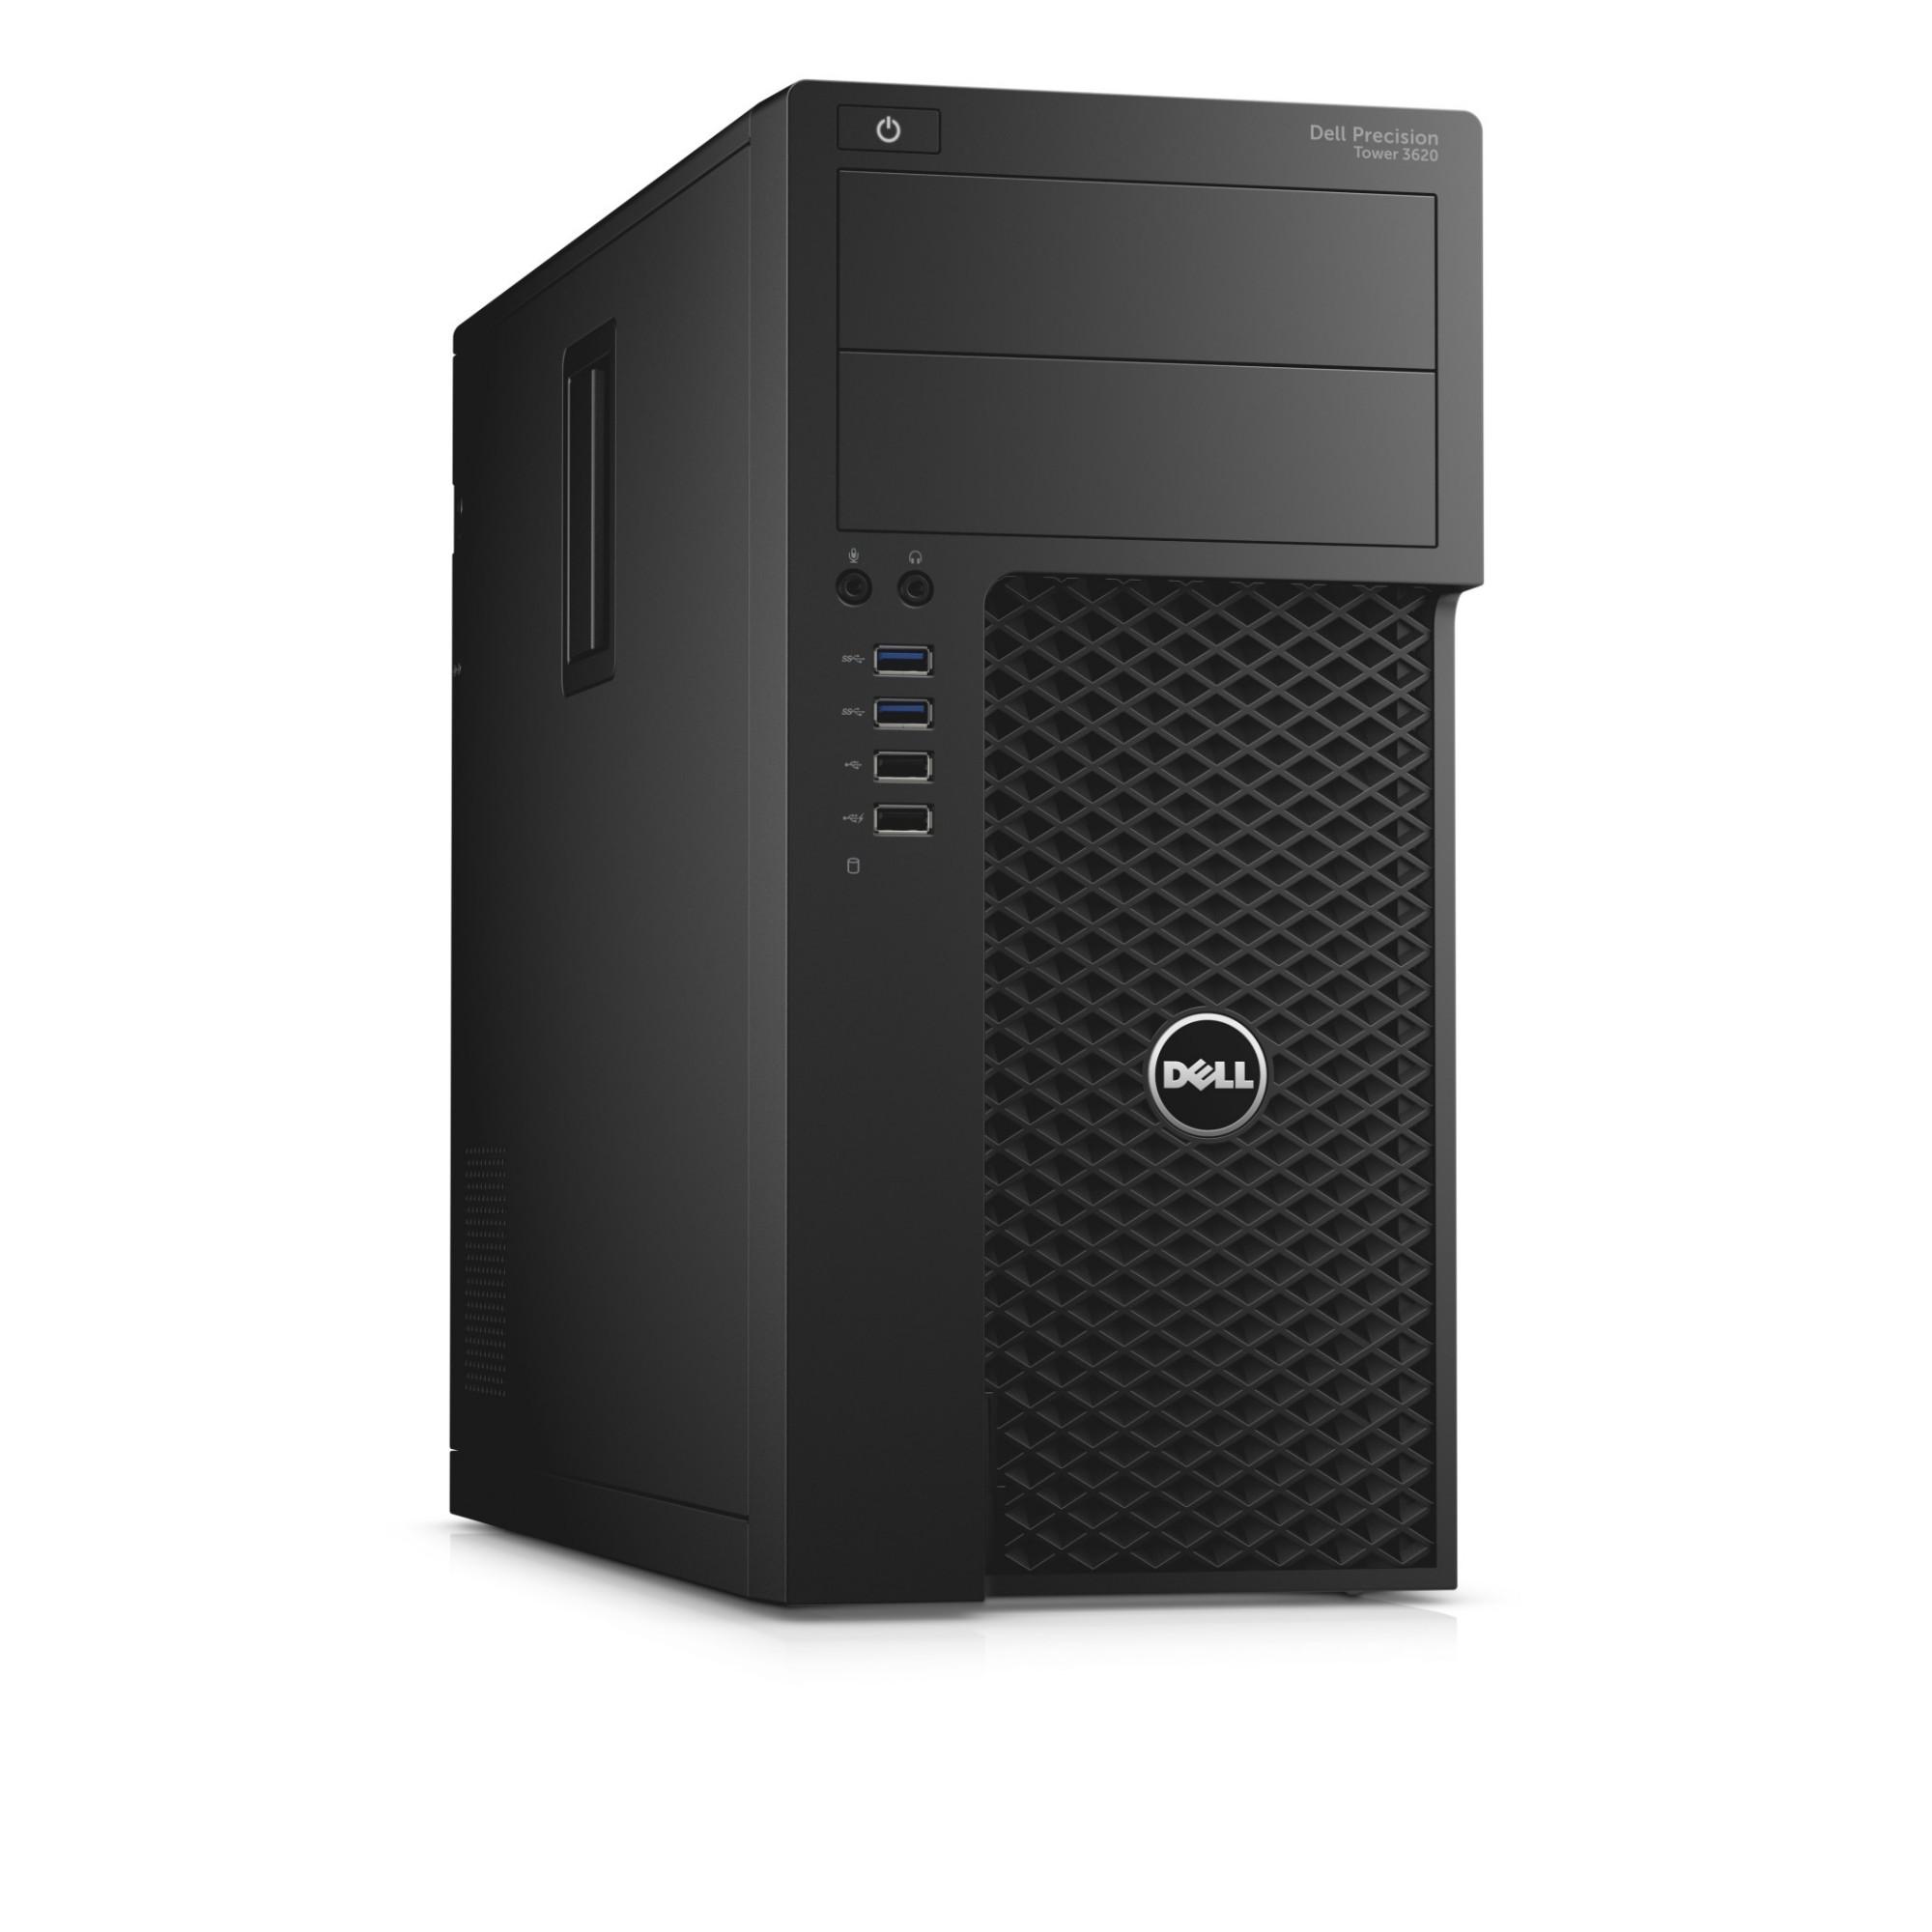 DELL Precision T3620 3.5GHz E3-1240V5 Mini Tower Black Workstation